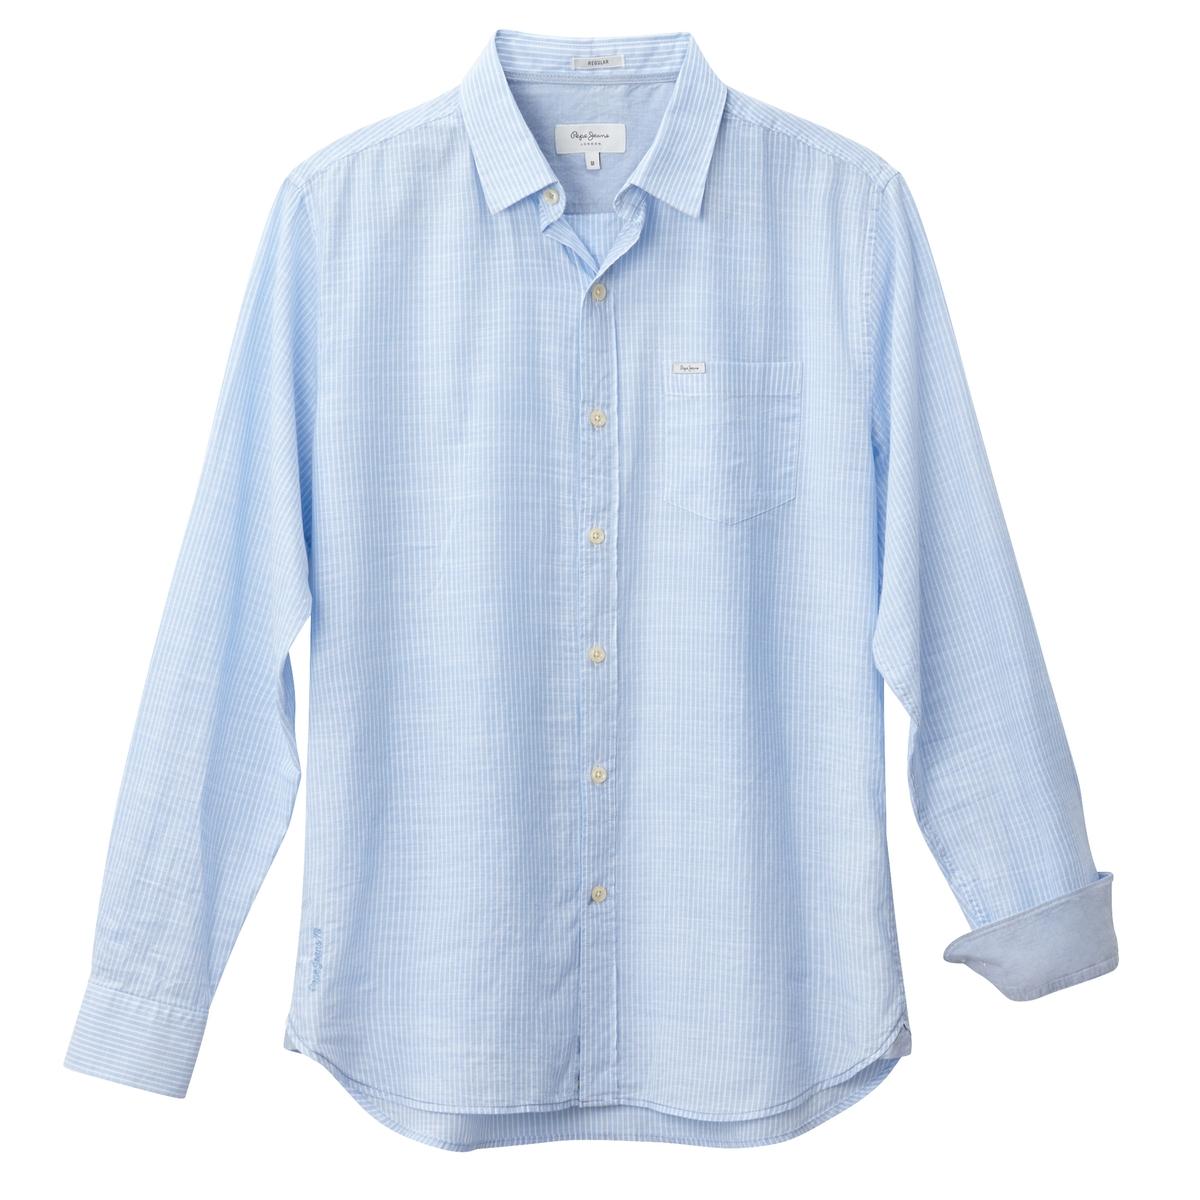 Рубашка прямого покроя с длинными рукавами рубашка прямого покроя с галстуком бантом и длинными рукавами